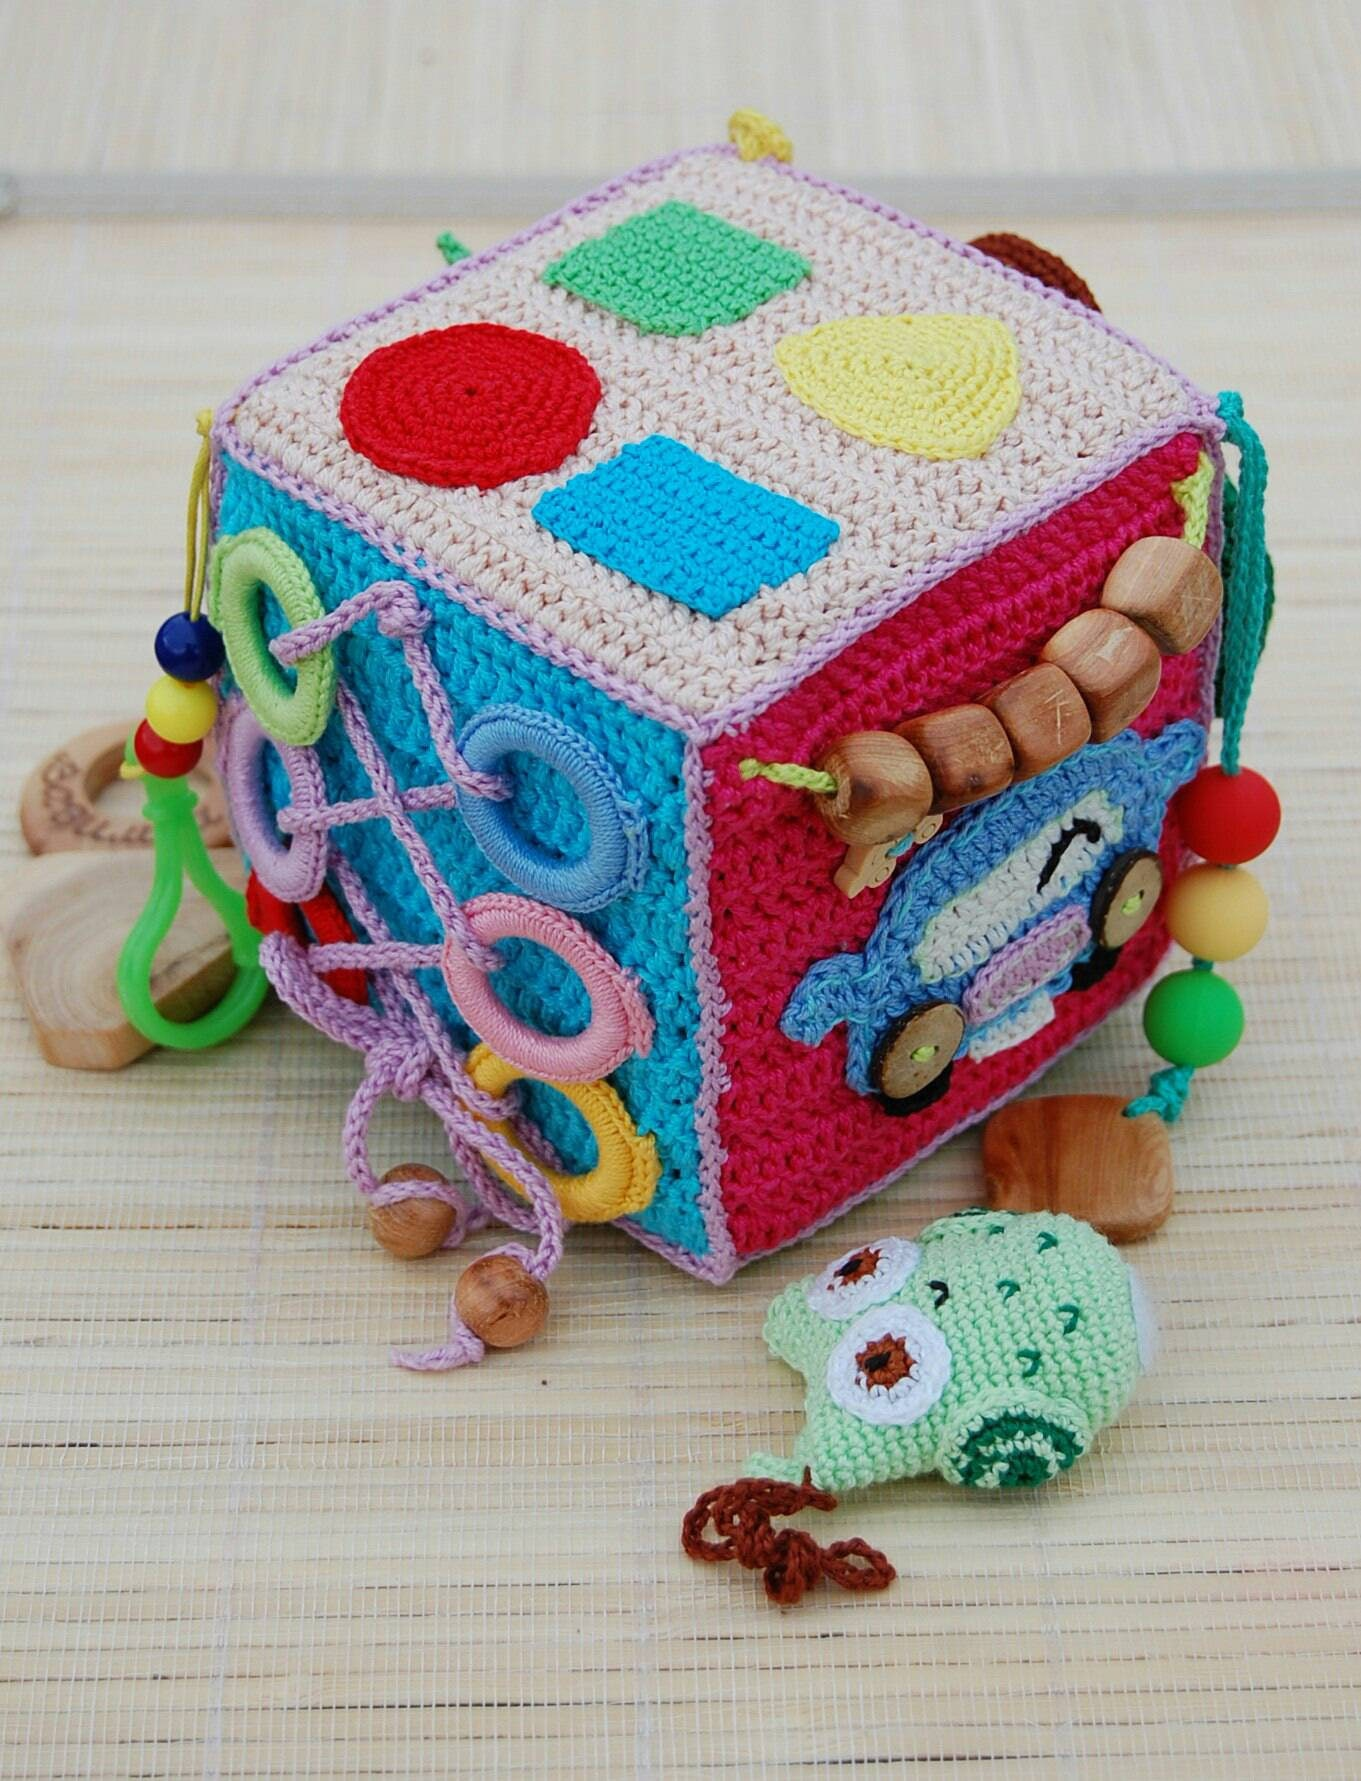 Crochet educational toy Baby activity cube Soft avtivity cube